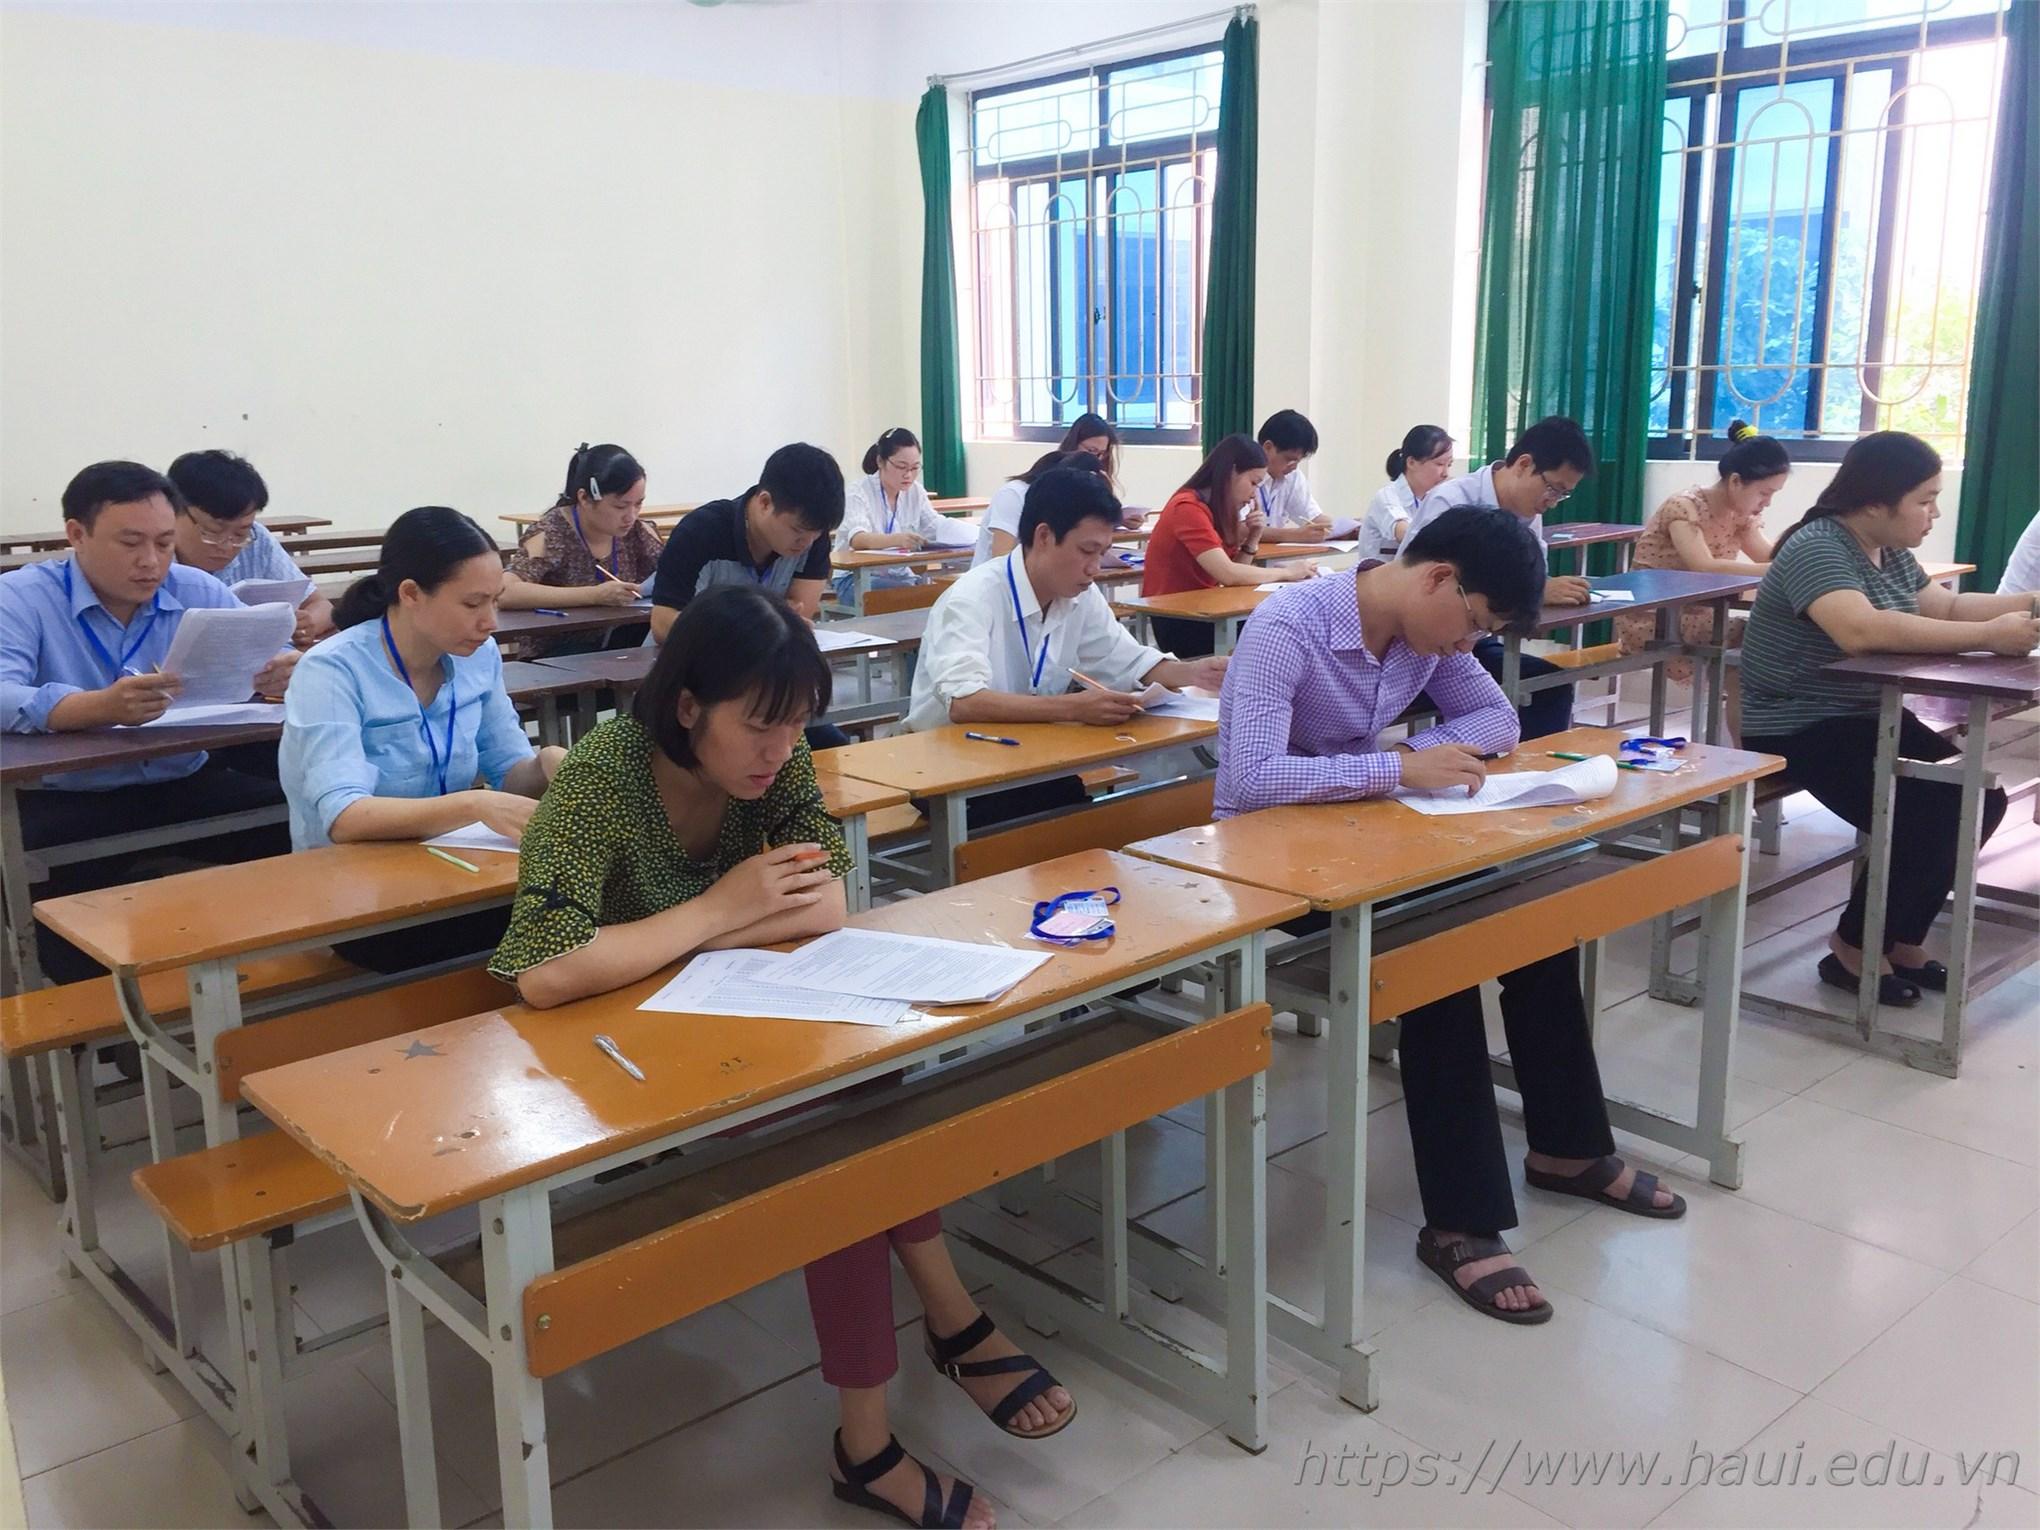 Trường Đại học Công nghiệp Hà Nội tổ chức Kỳ đáng giá Kỹ năng nghề quốc gia năm 2019